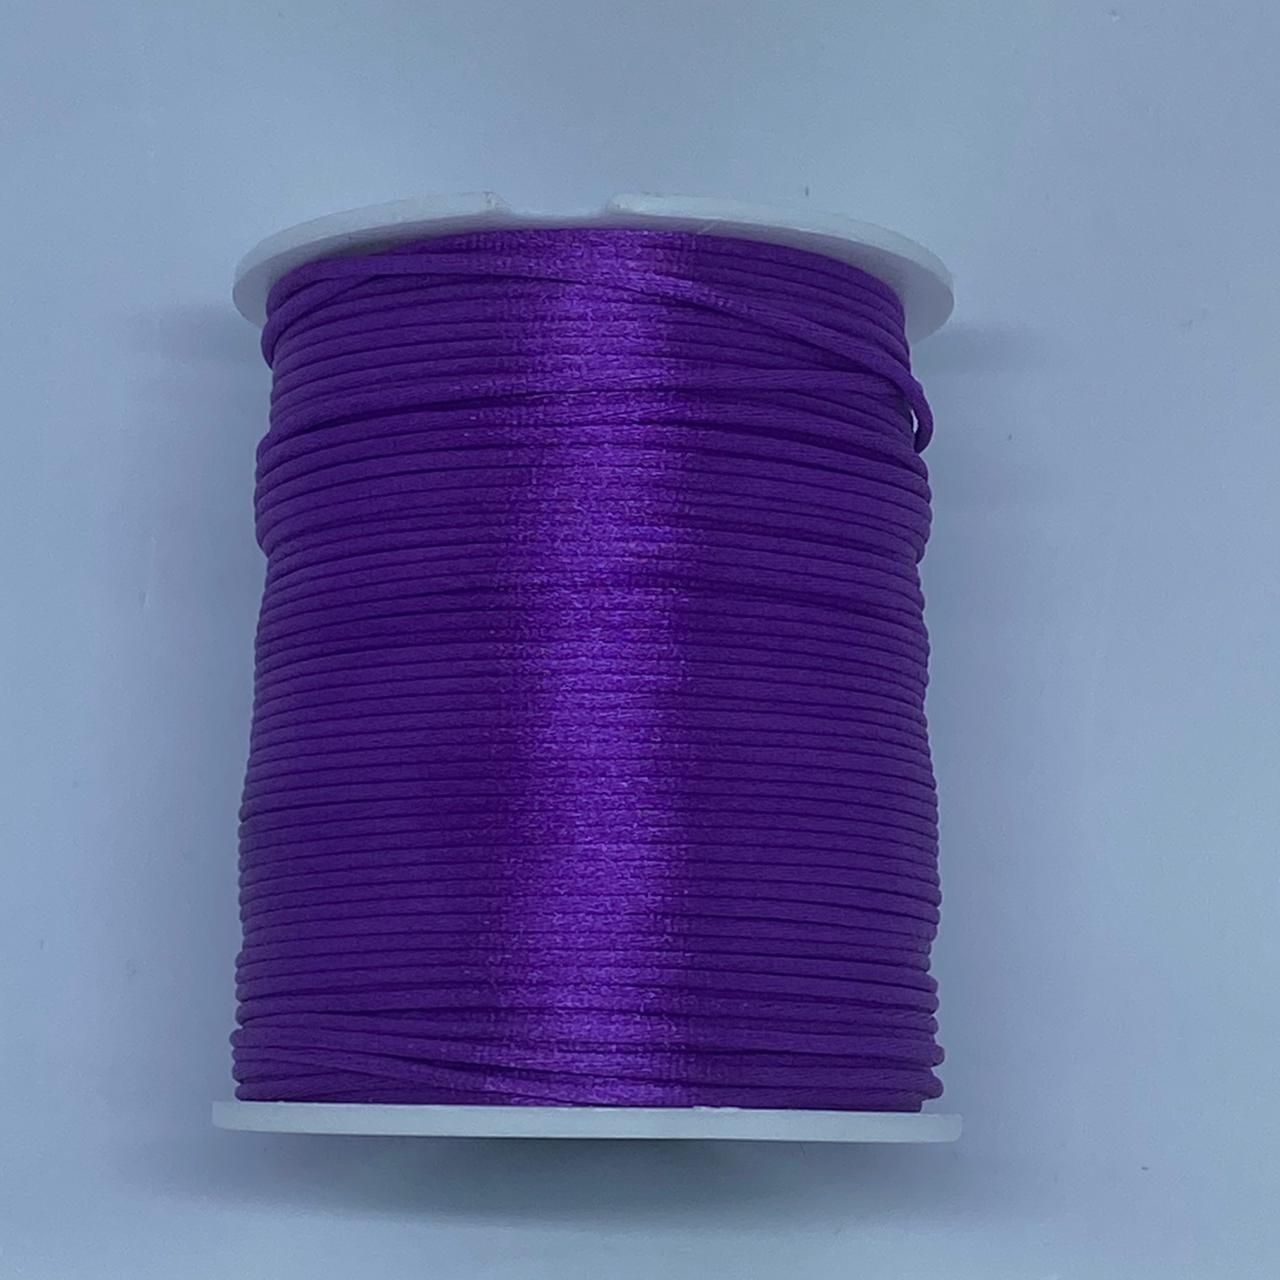 Fio de seda roxo c/ 10 metros 1mm